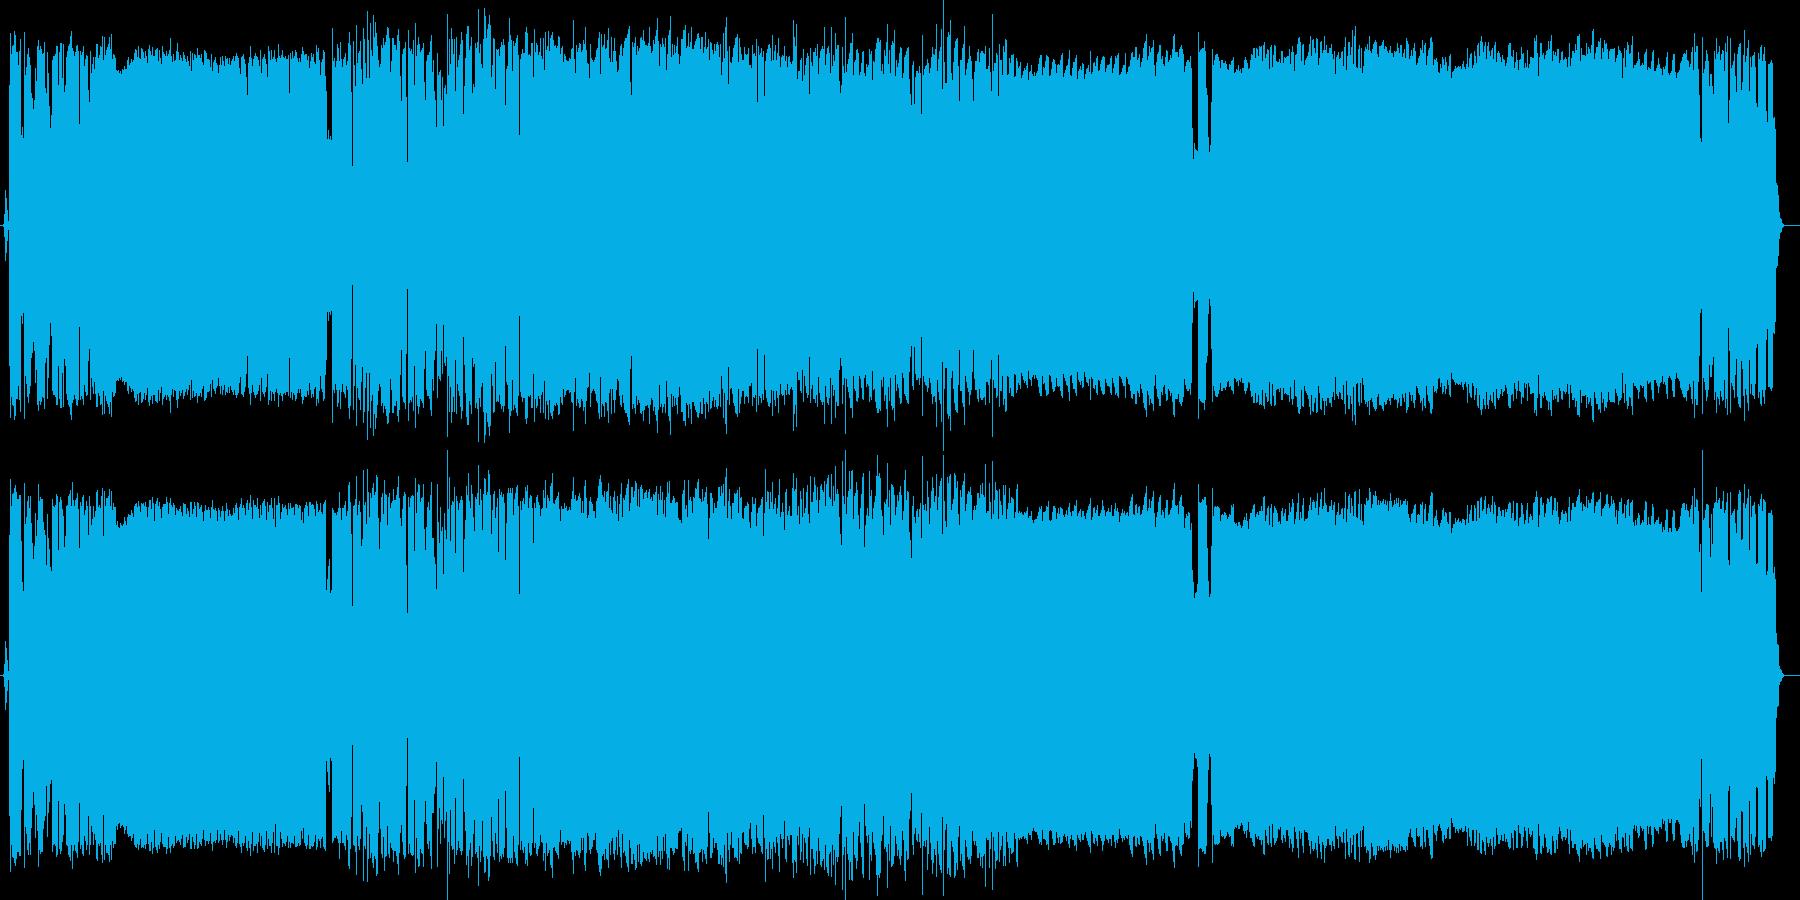 アニソン風デジタルロック 90秒ver の再生済みの波形